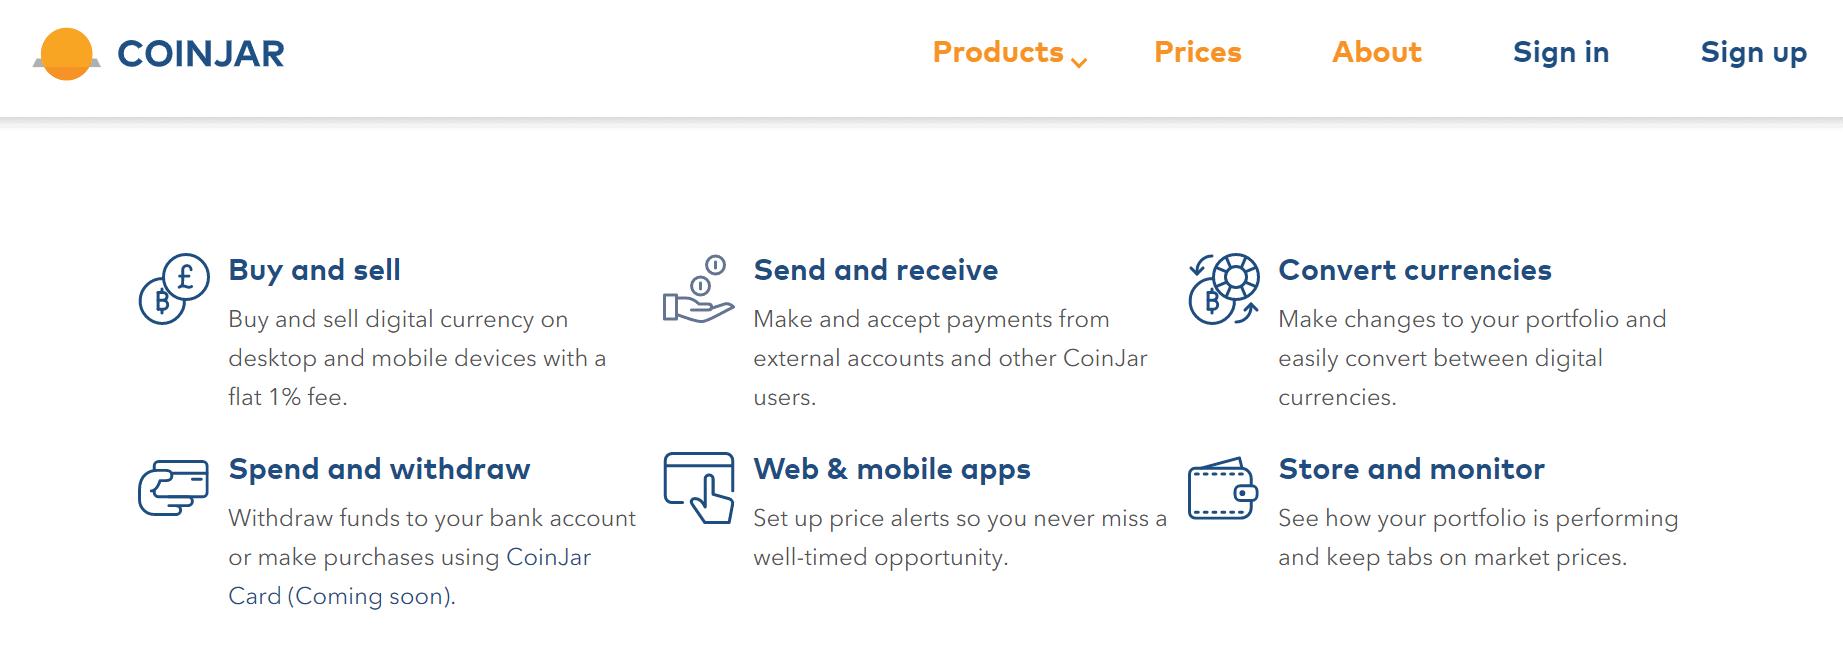 coinjar services